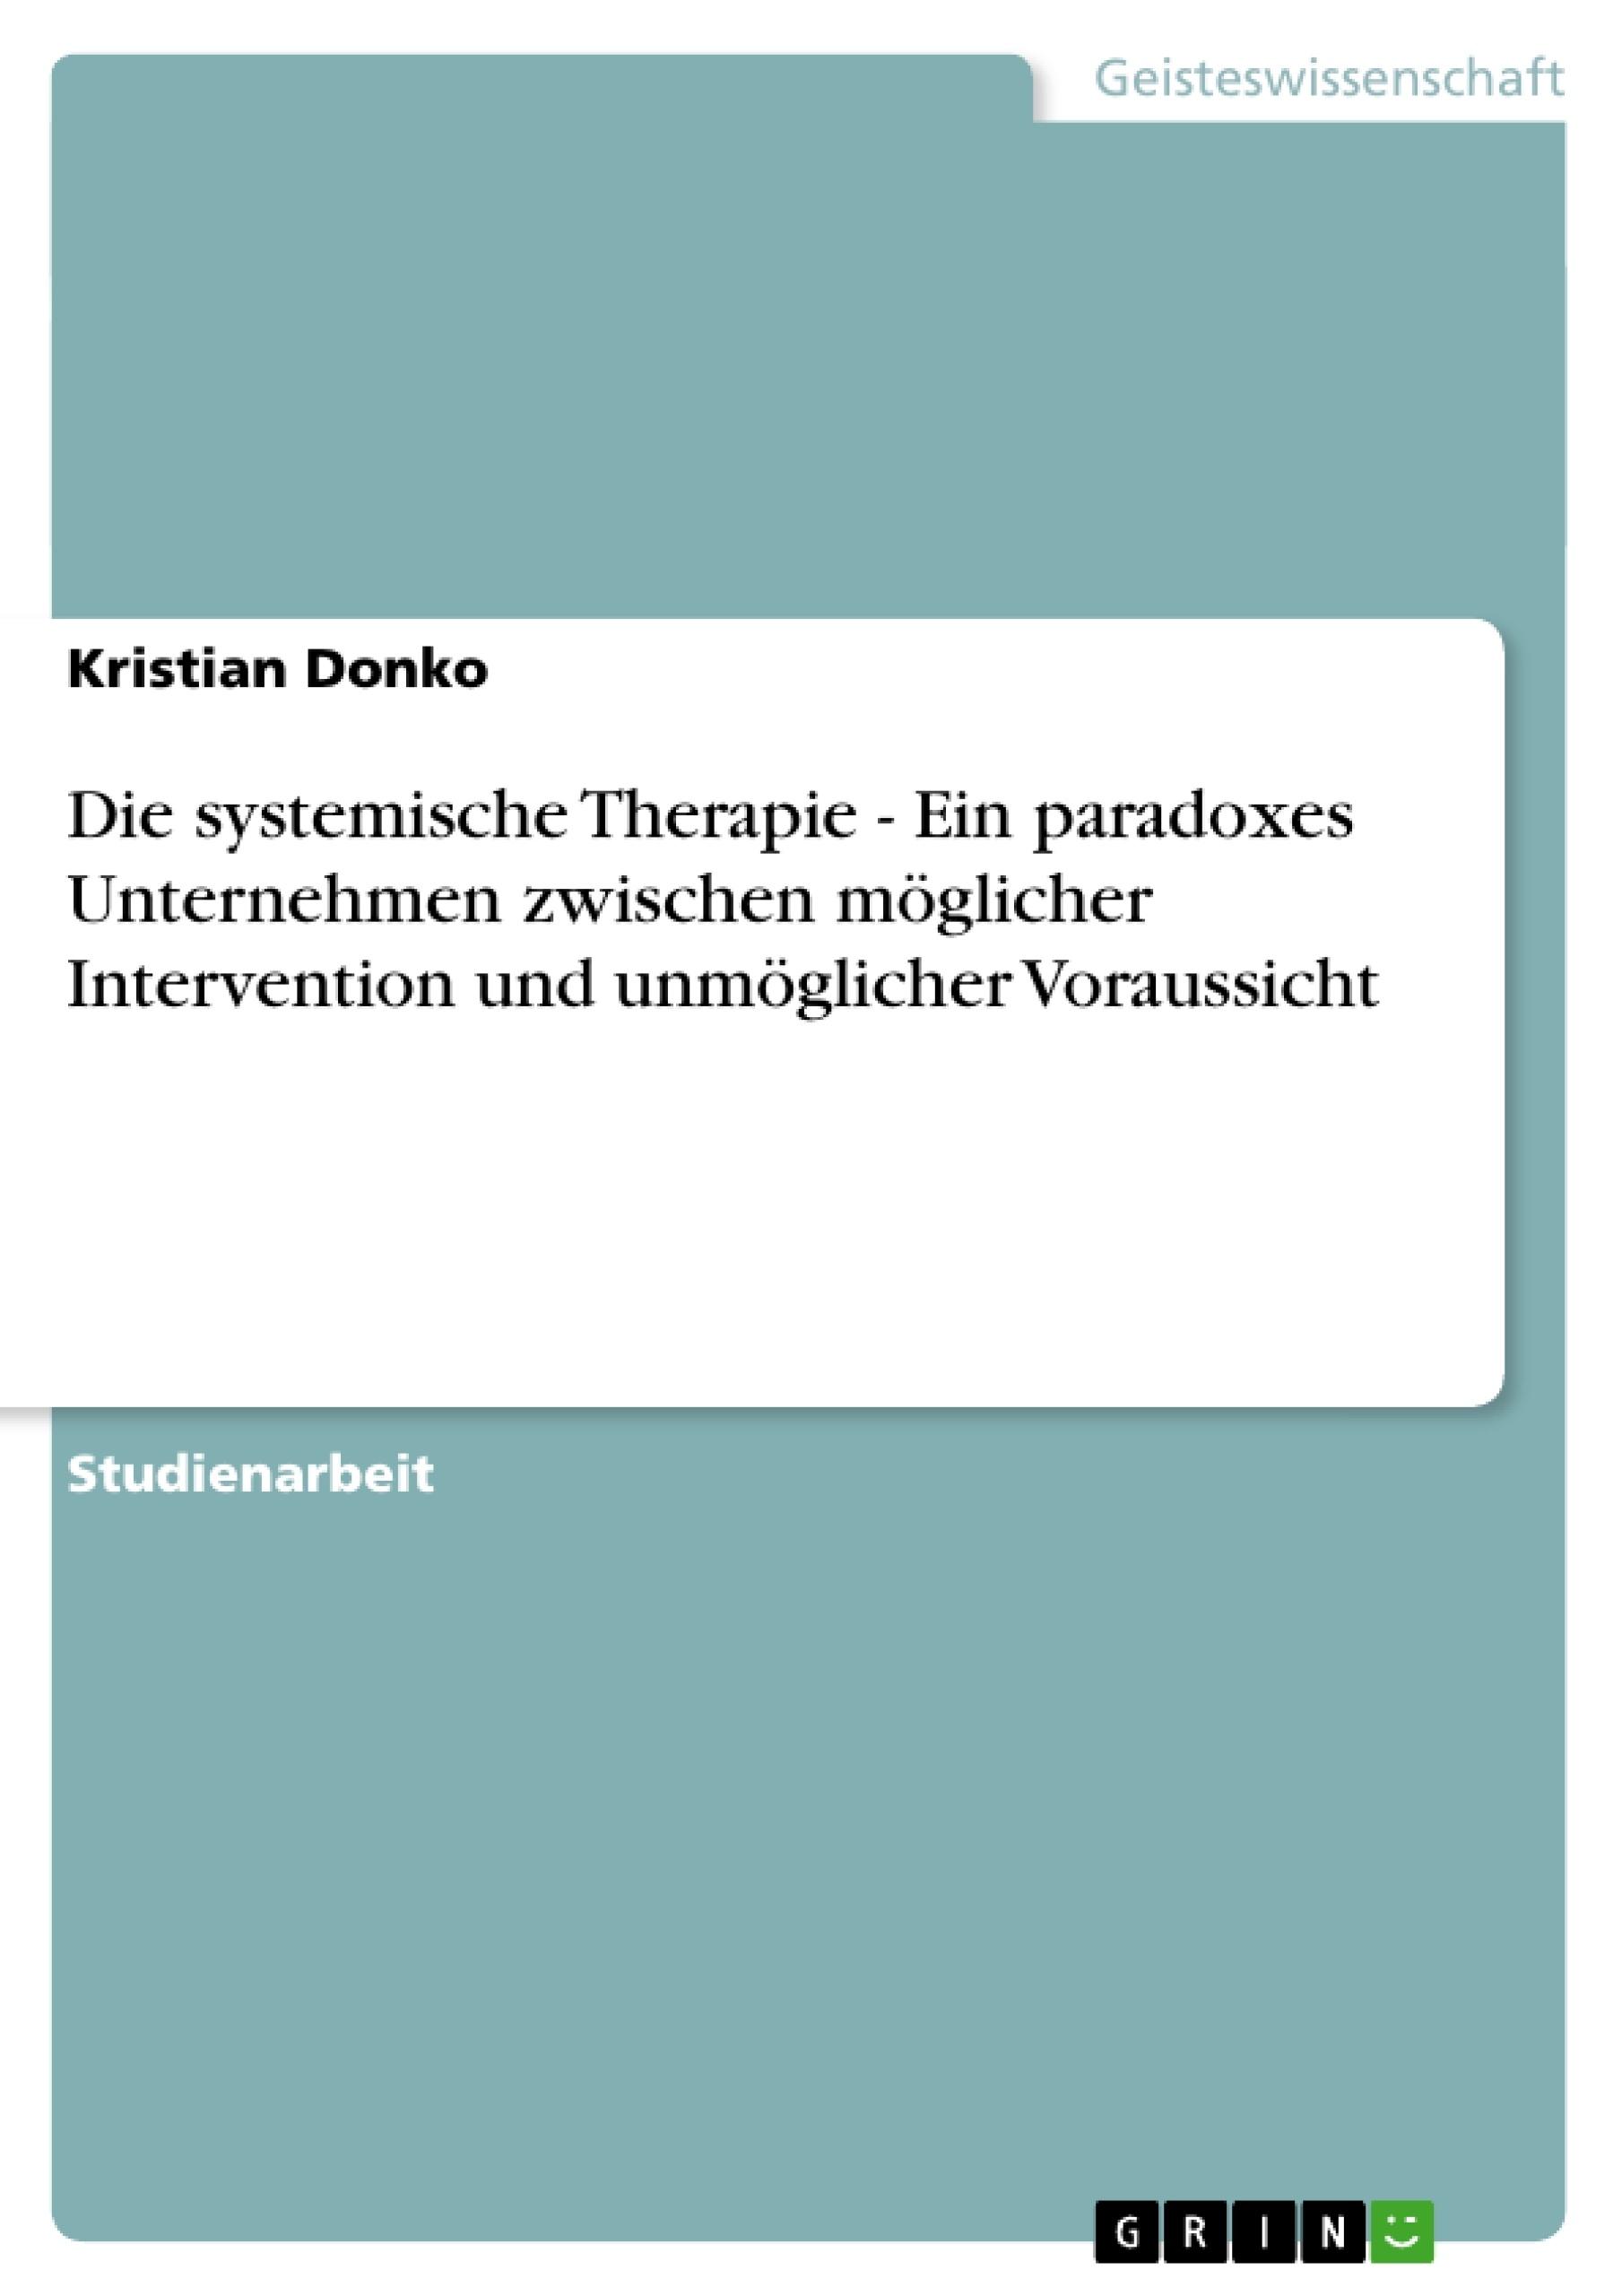 Titel: Die systemische Therapie - Ein paradoxes Unternehmen zwischen möglicher Intervention und unmöglicher Voraussicht